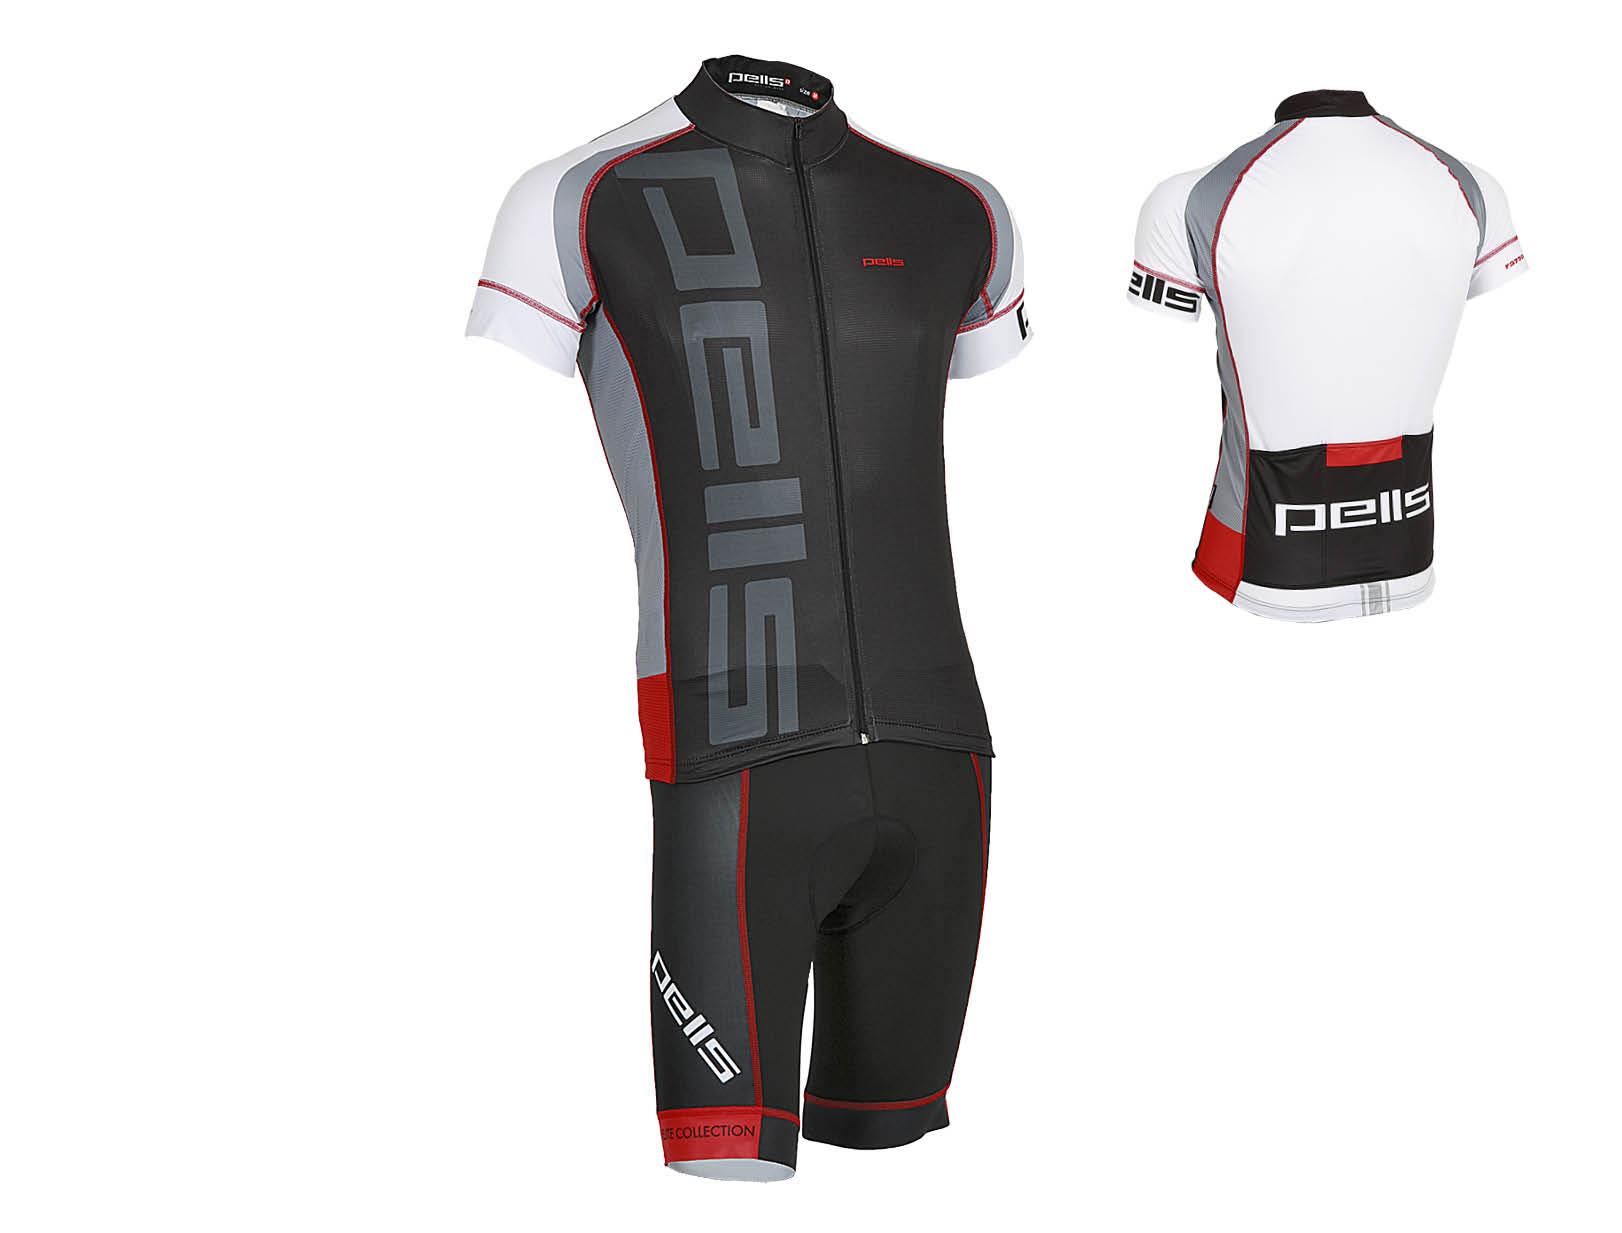 Pánský dres PELL'S RAZZER, vel. L, červená, krátký rukáv (Pánský cyklistický dres PELL'S, vel. L, krátký rukáv, barva červená dle vyobrazení!)